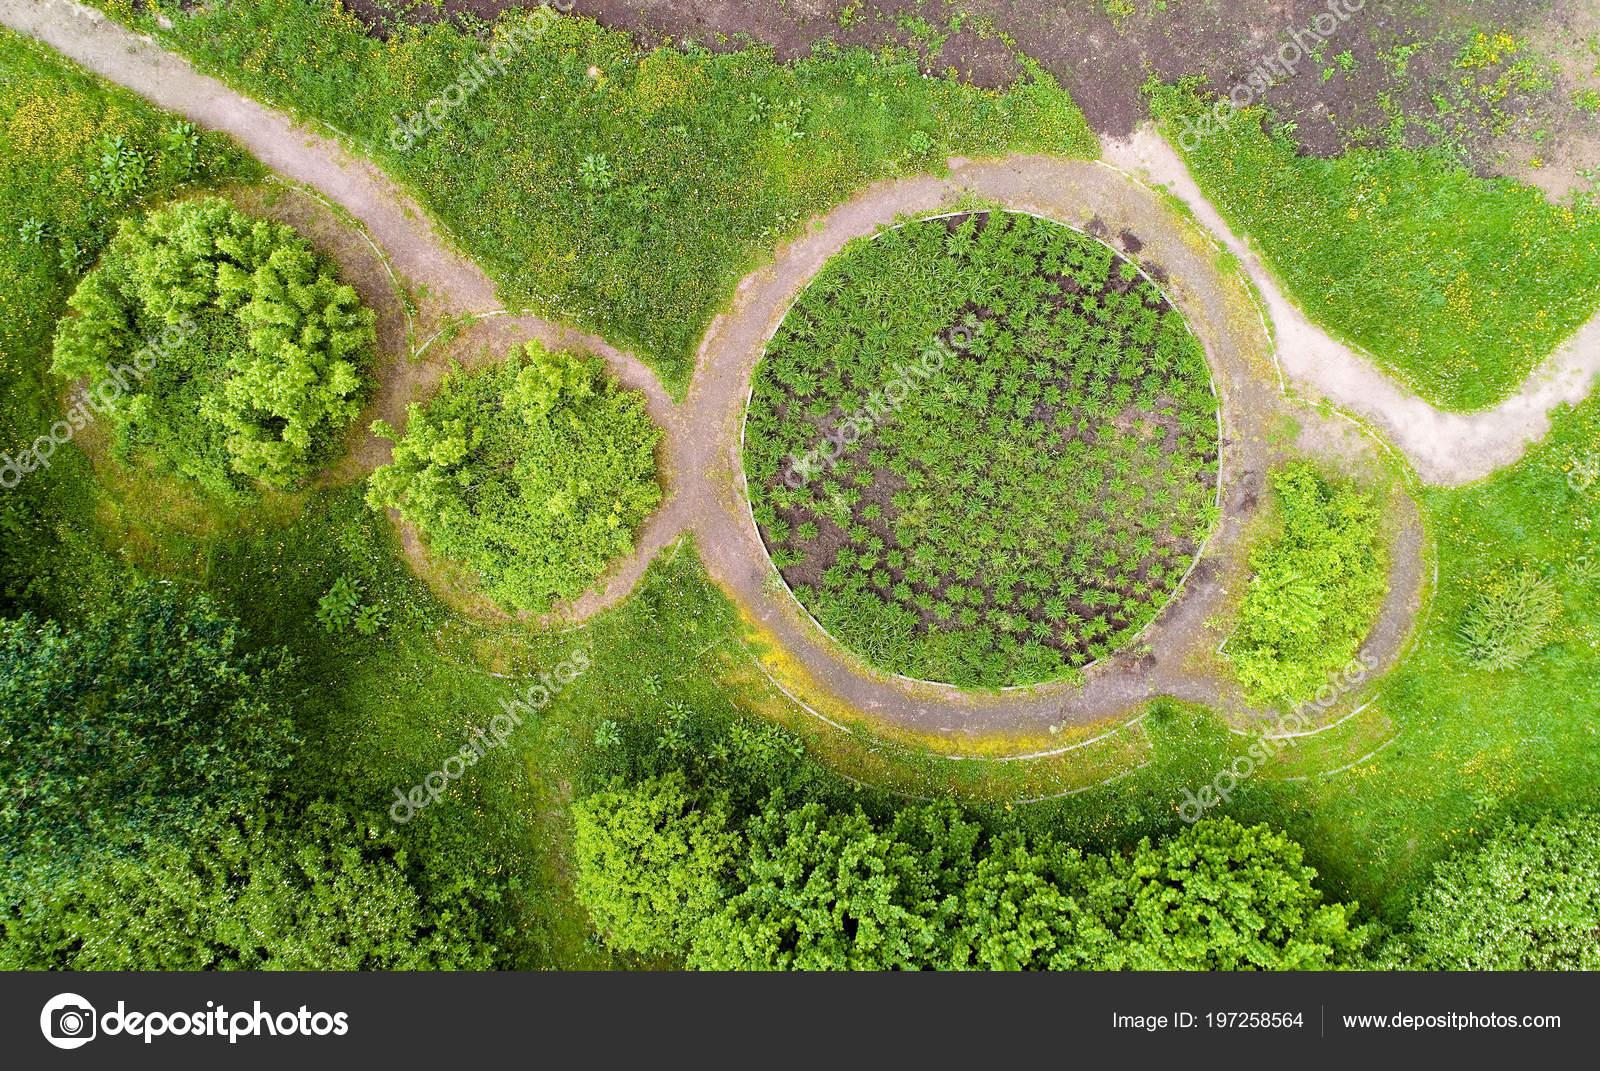 Letti Rotondi.Una Vista Dei Letti Rotondi Del Fiore Nel Parco Estate Foto Stock